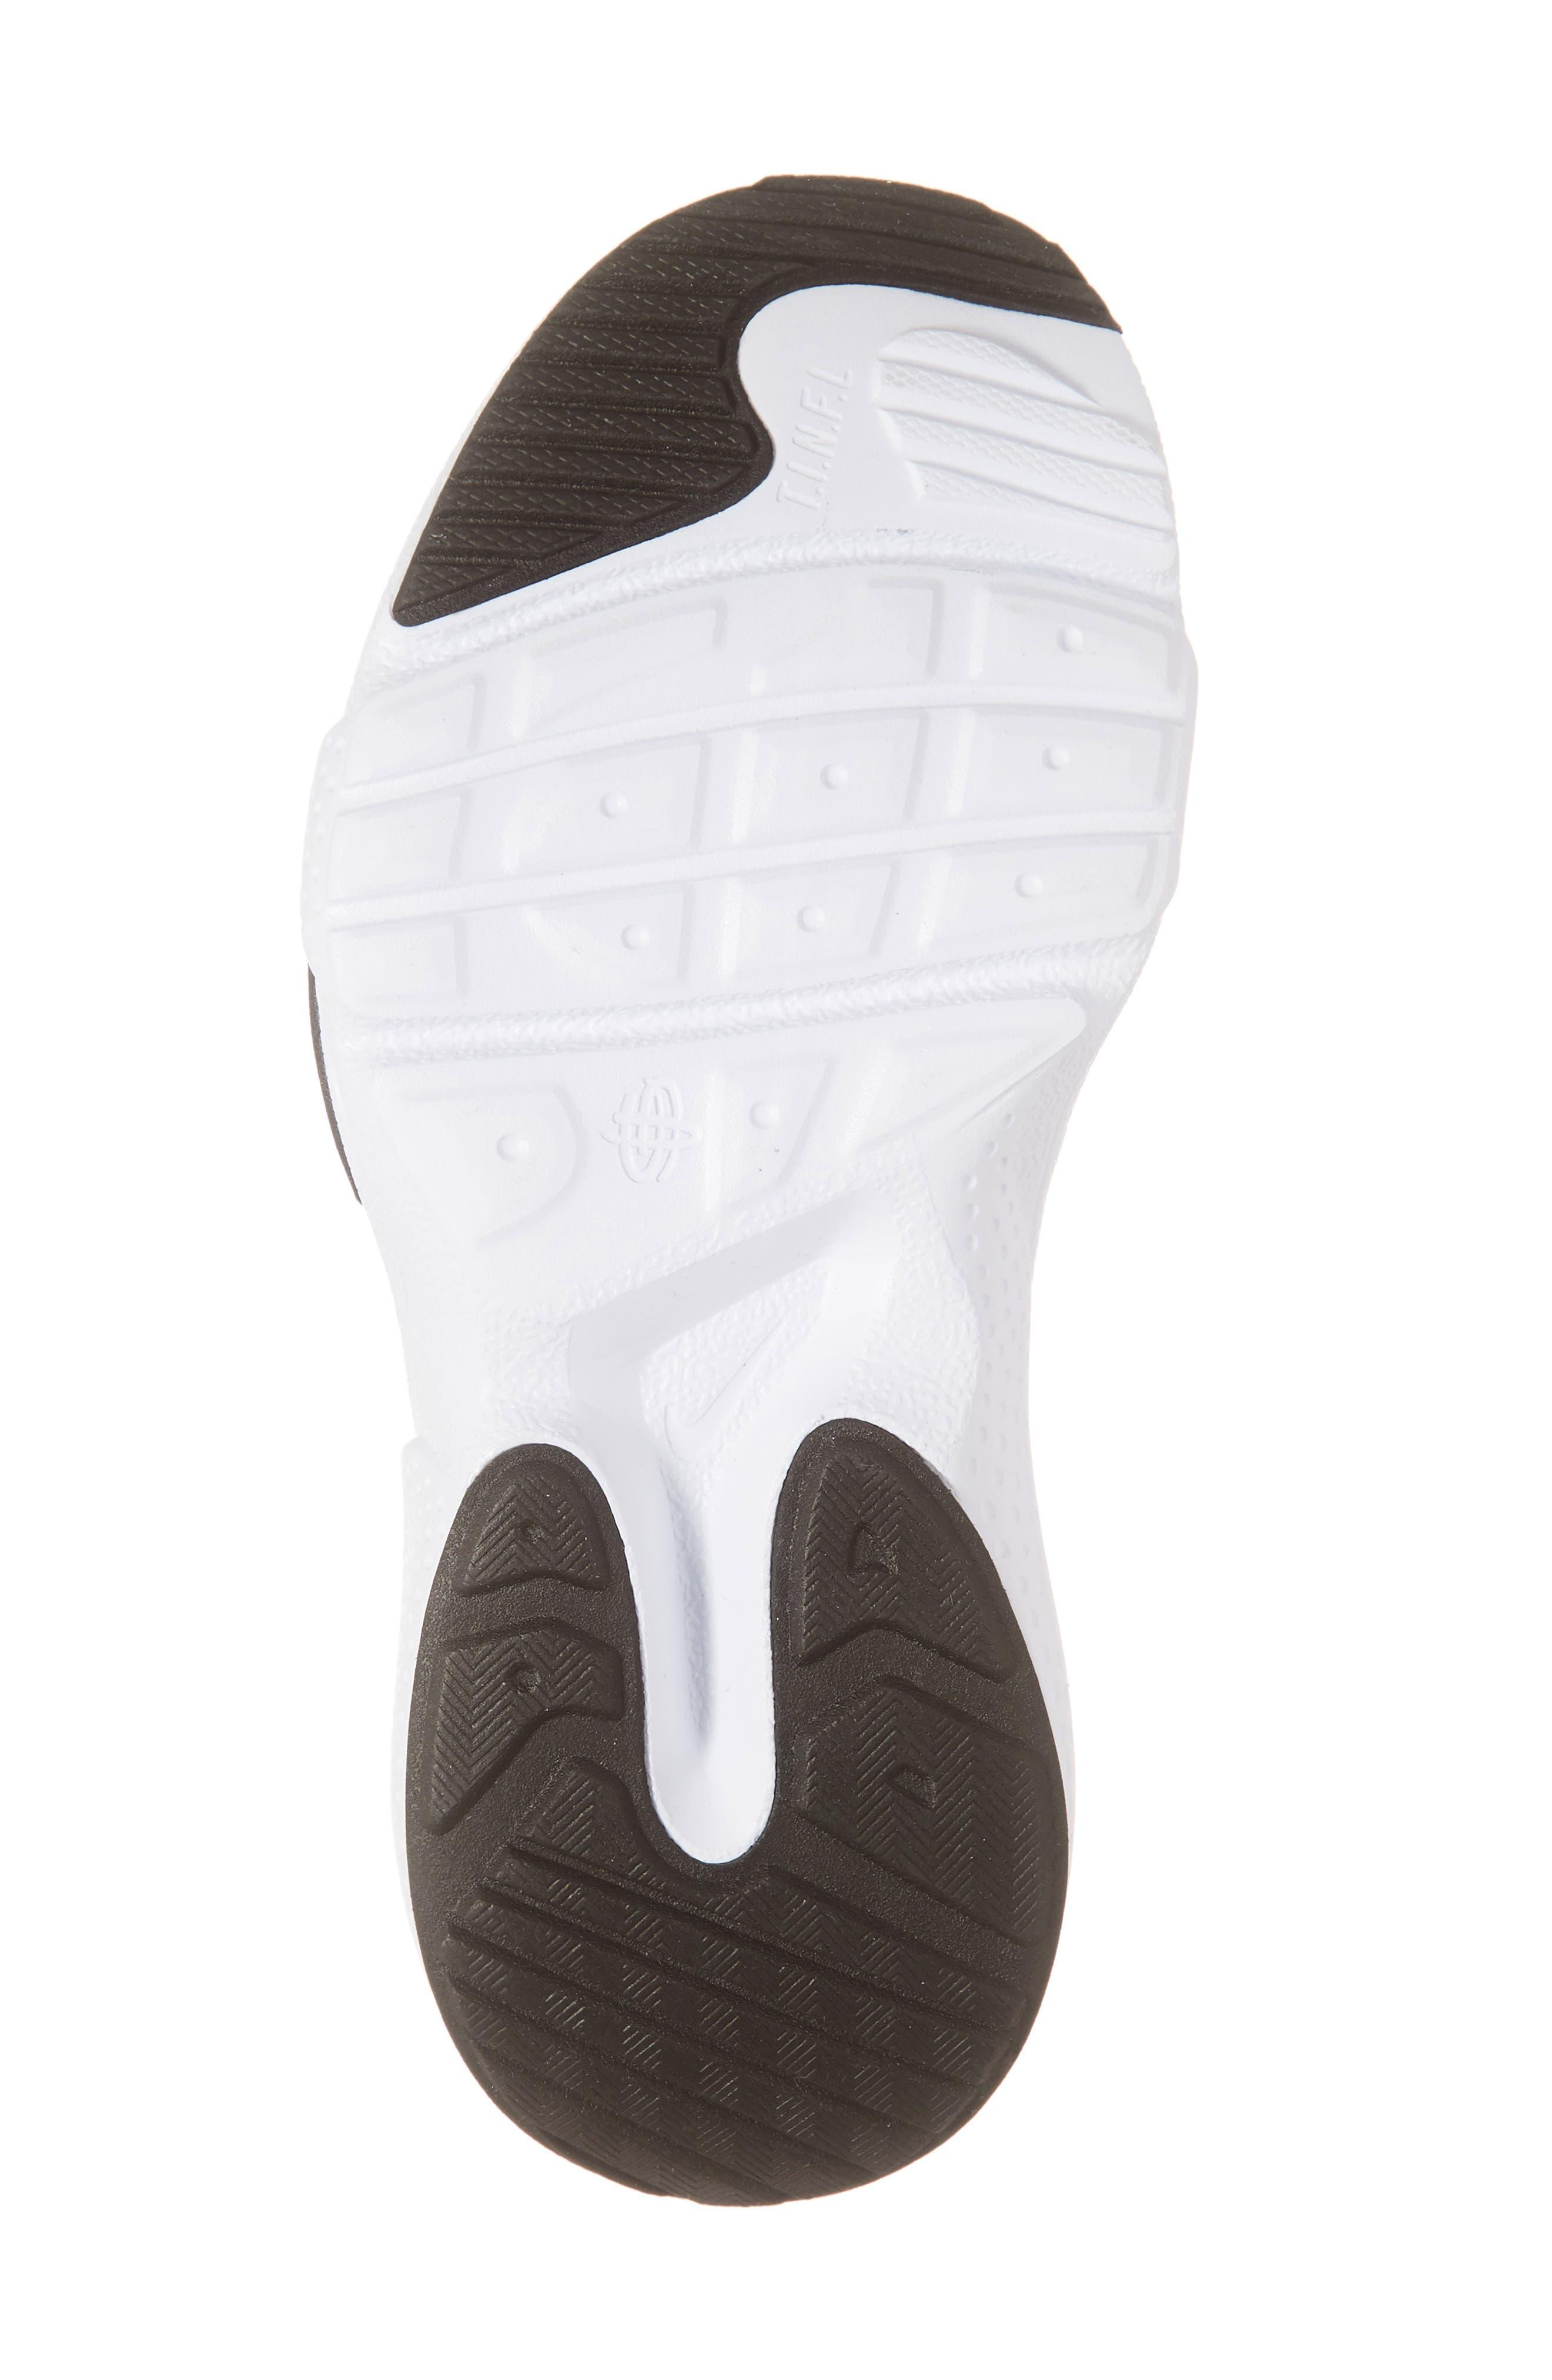 Huarache E.D.G.E. Sneaker,                             Alternate thumbnail 6, color,                             BLACK/ WHITE